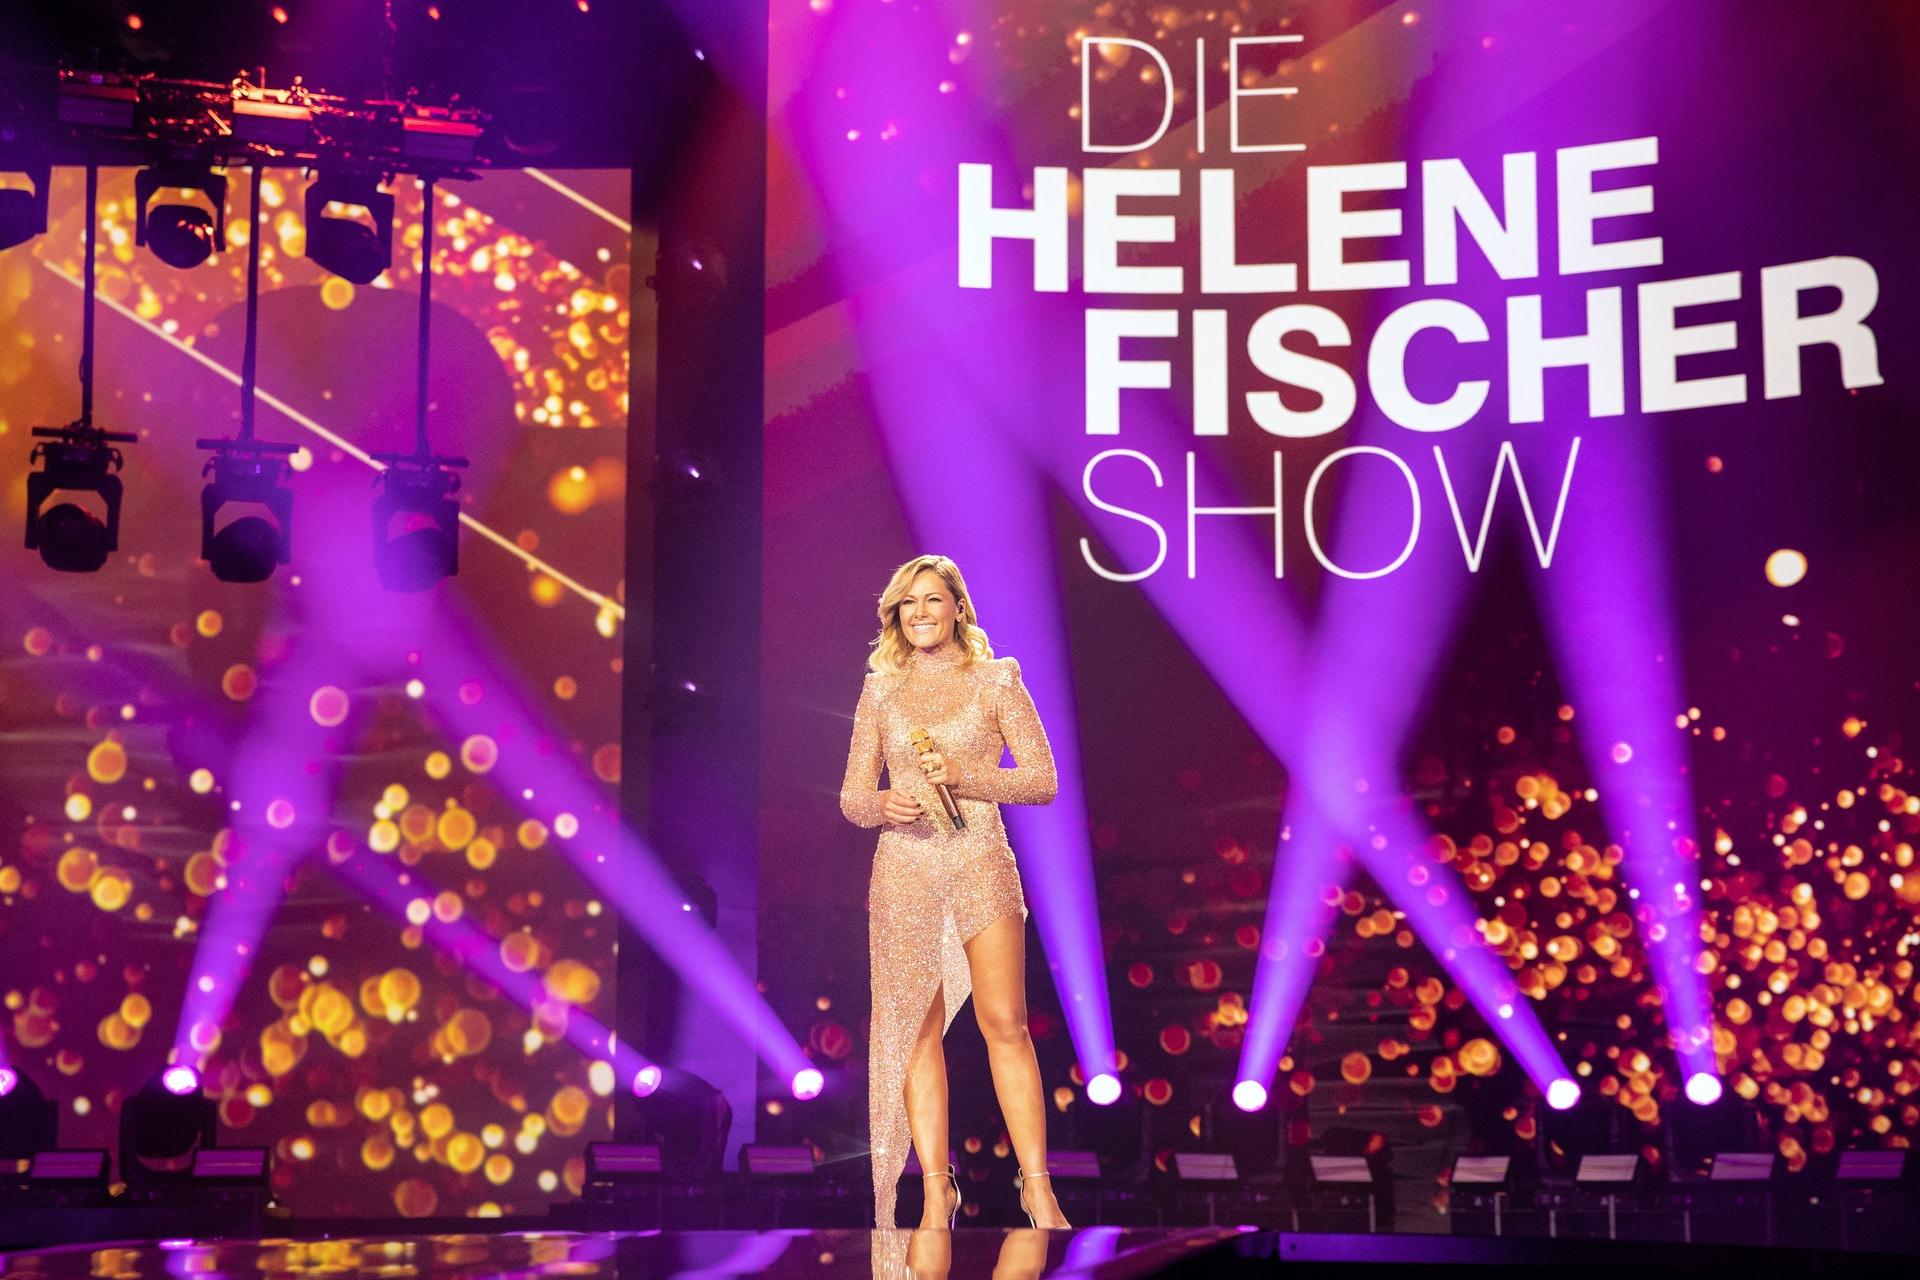 Nachricht-von-Helene-Fischer-sorgt-f-r-Vorfreude-auf-ihre-Weihnachtsshow